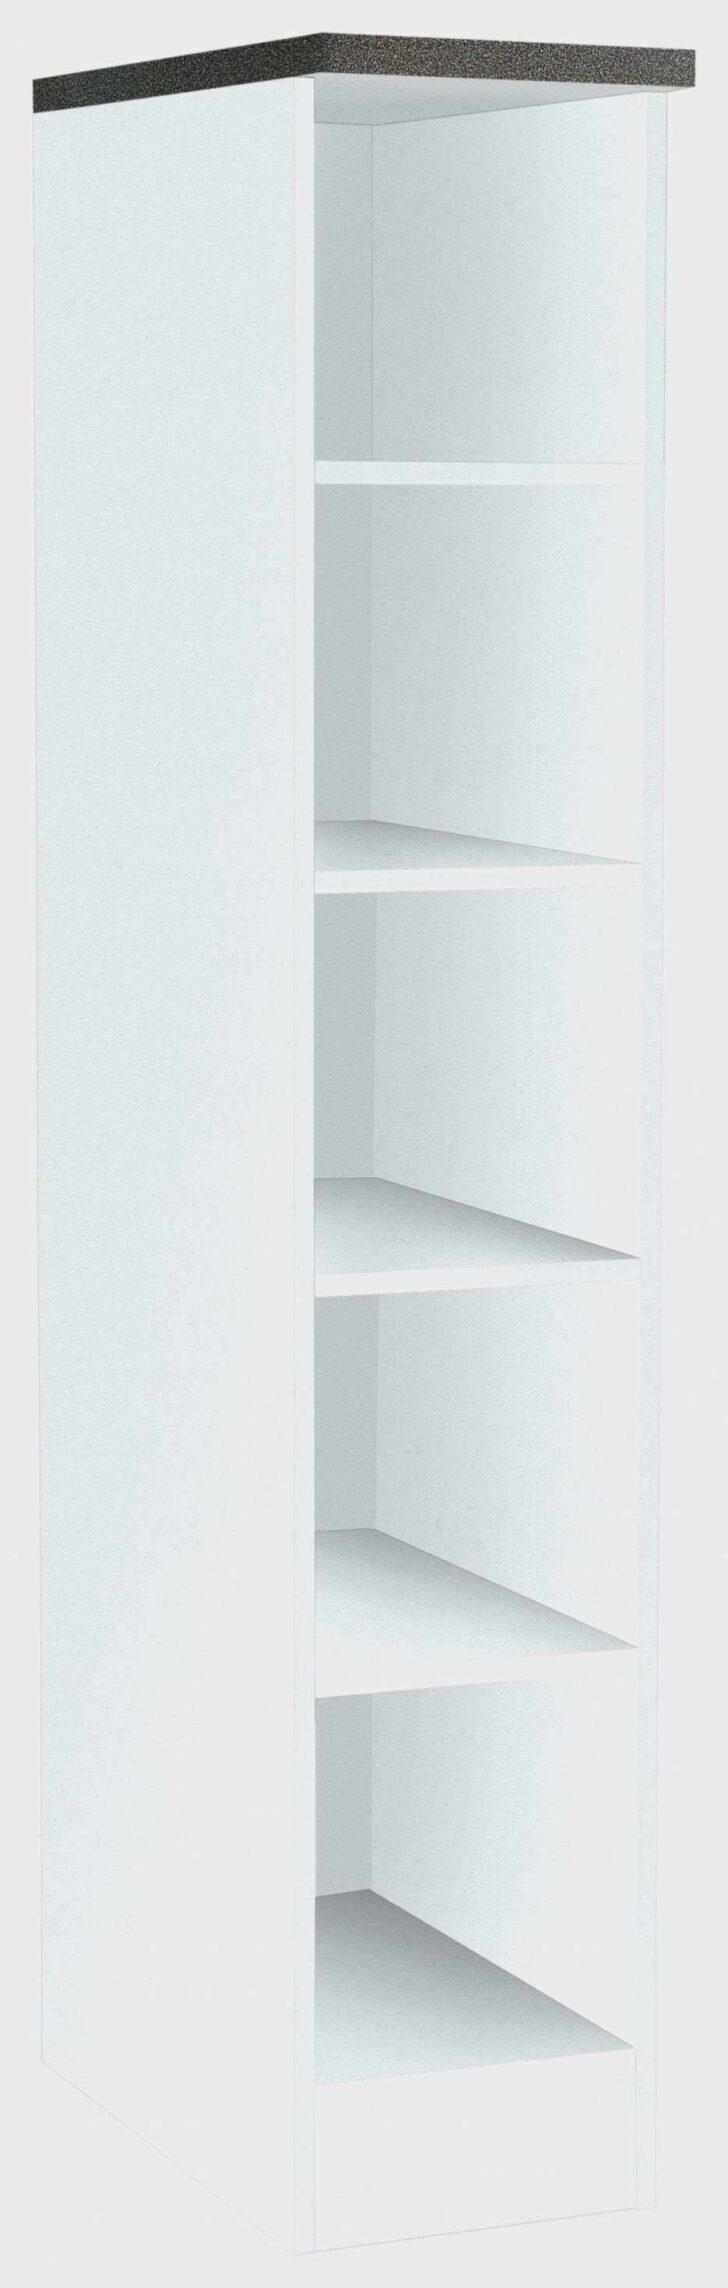 Medium Size of Regal 30 Cm Breit Einzigartig 15 Schne Ikea Tolles Regale Für Dachschrägen Schreibtisch Mit Getränkekisten Anfahrschutz Kiefer Weiß Hochglanz Dachschräge Regal Regal 30 Cm Breit